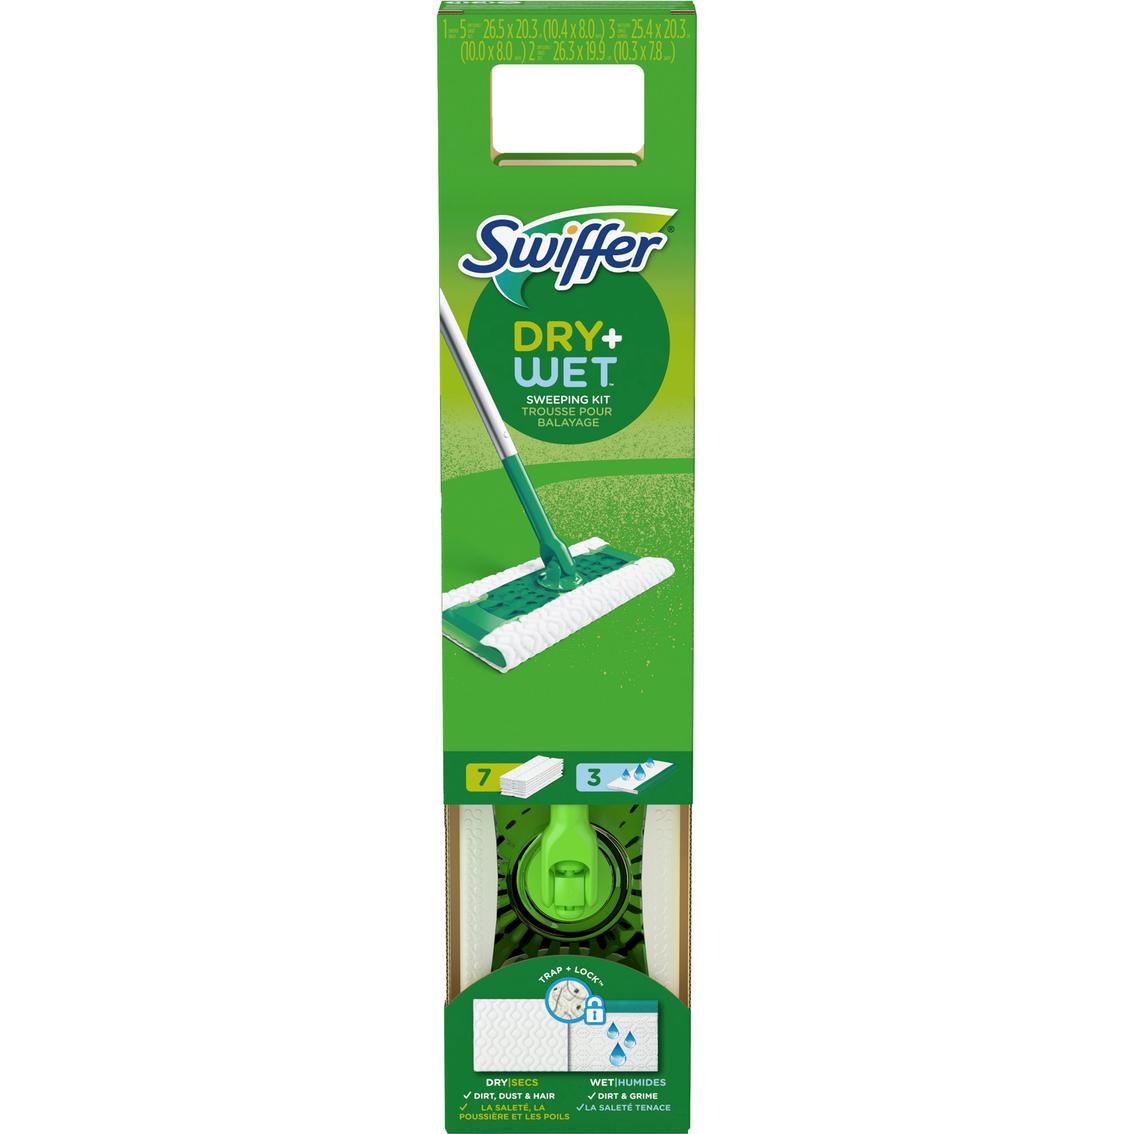 swiffer dry and wet sweeper floor mop starter kit